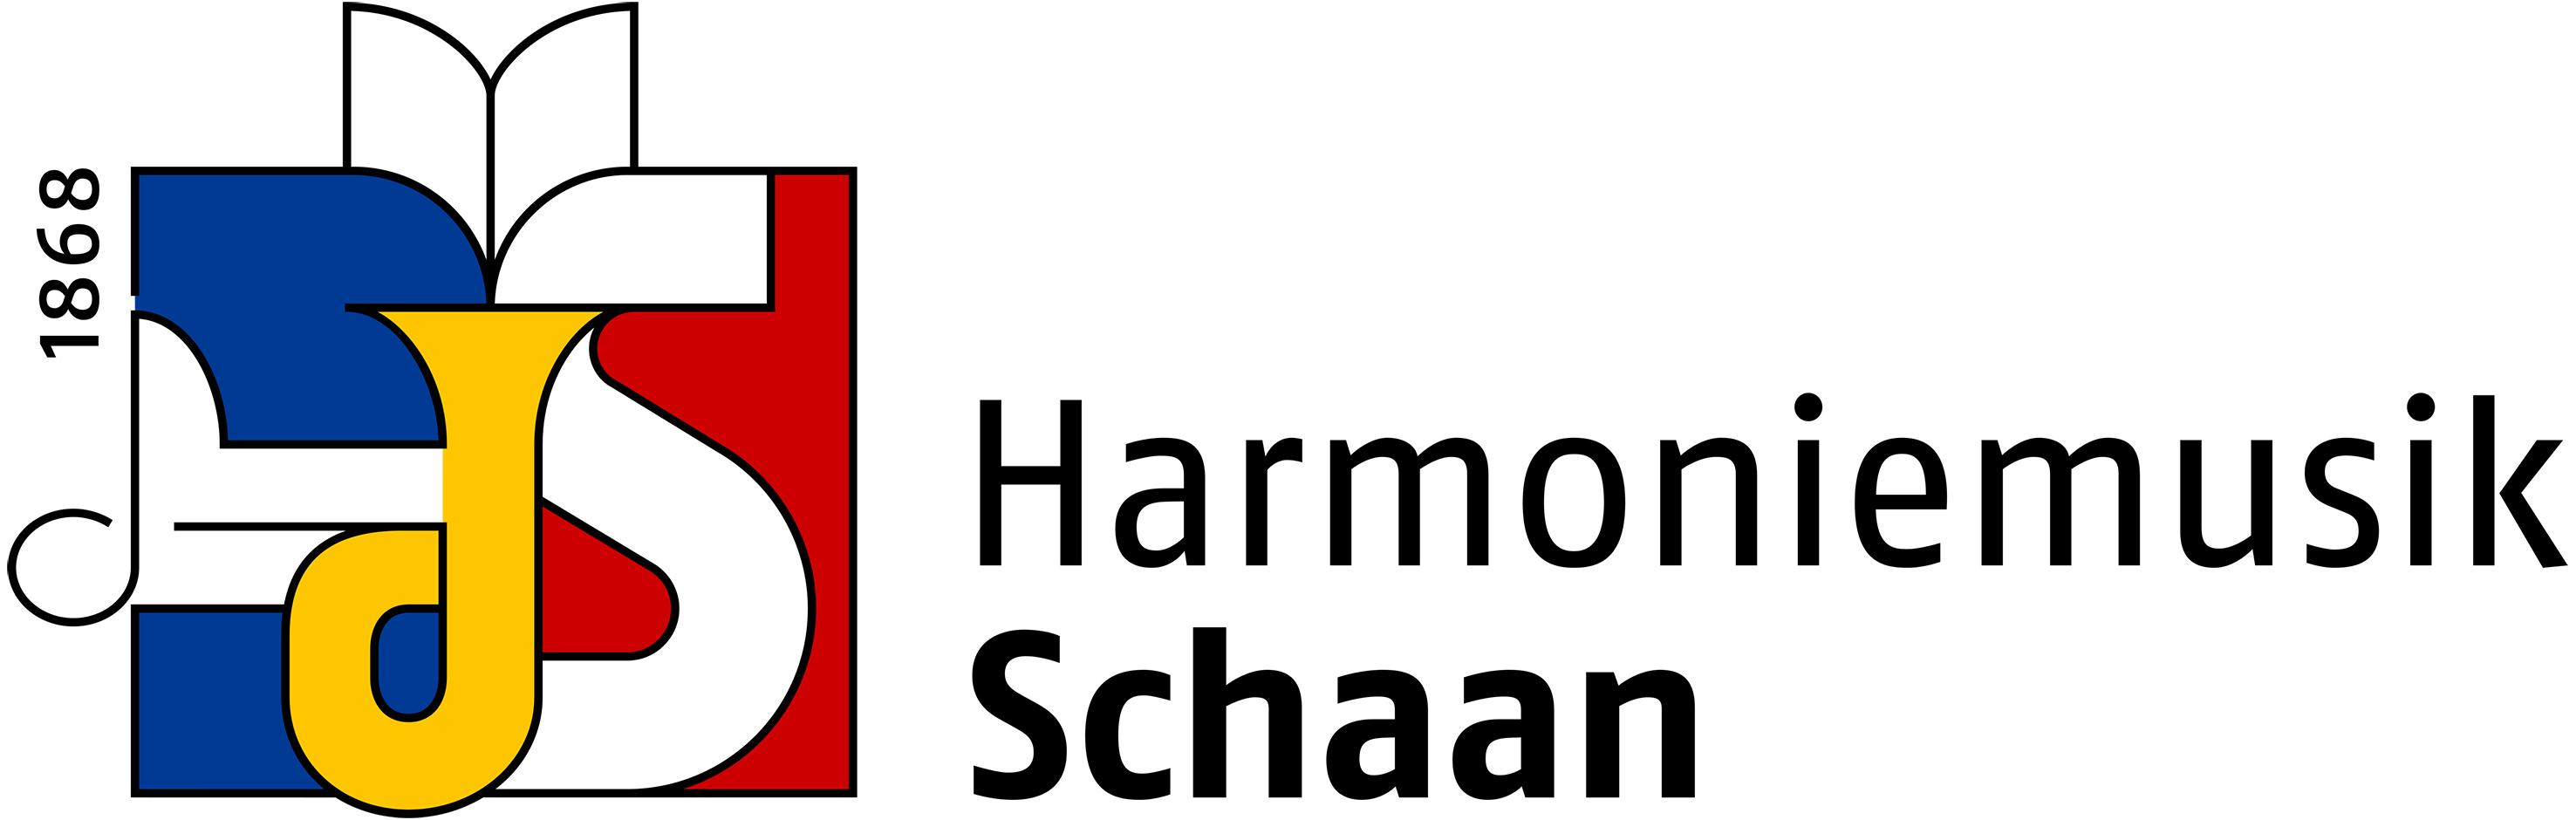 Harmoniemusik Schaan